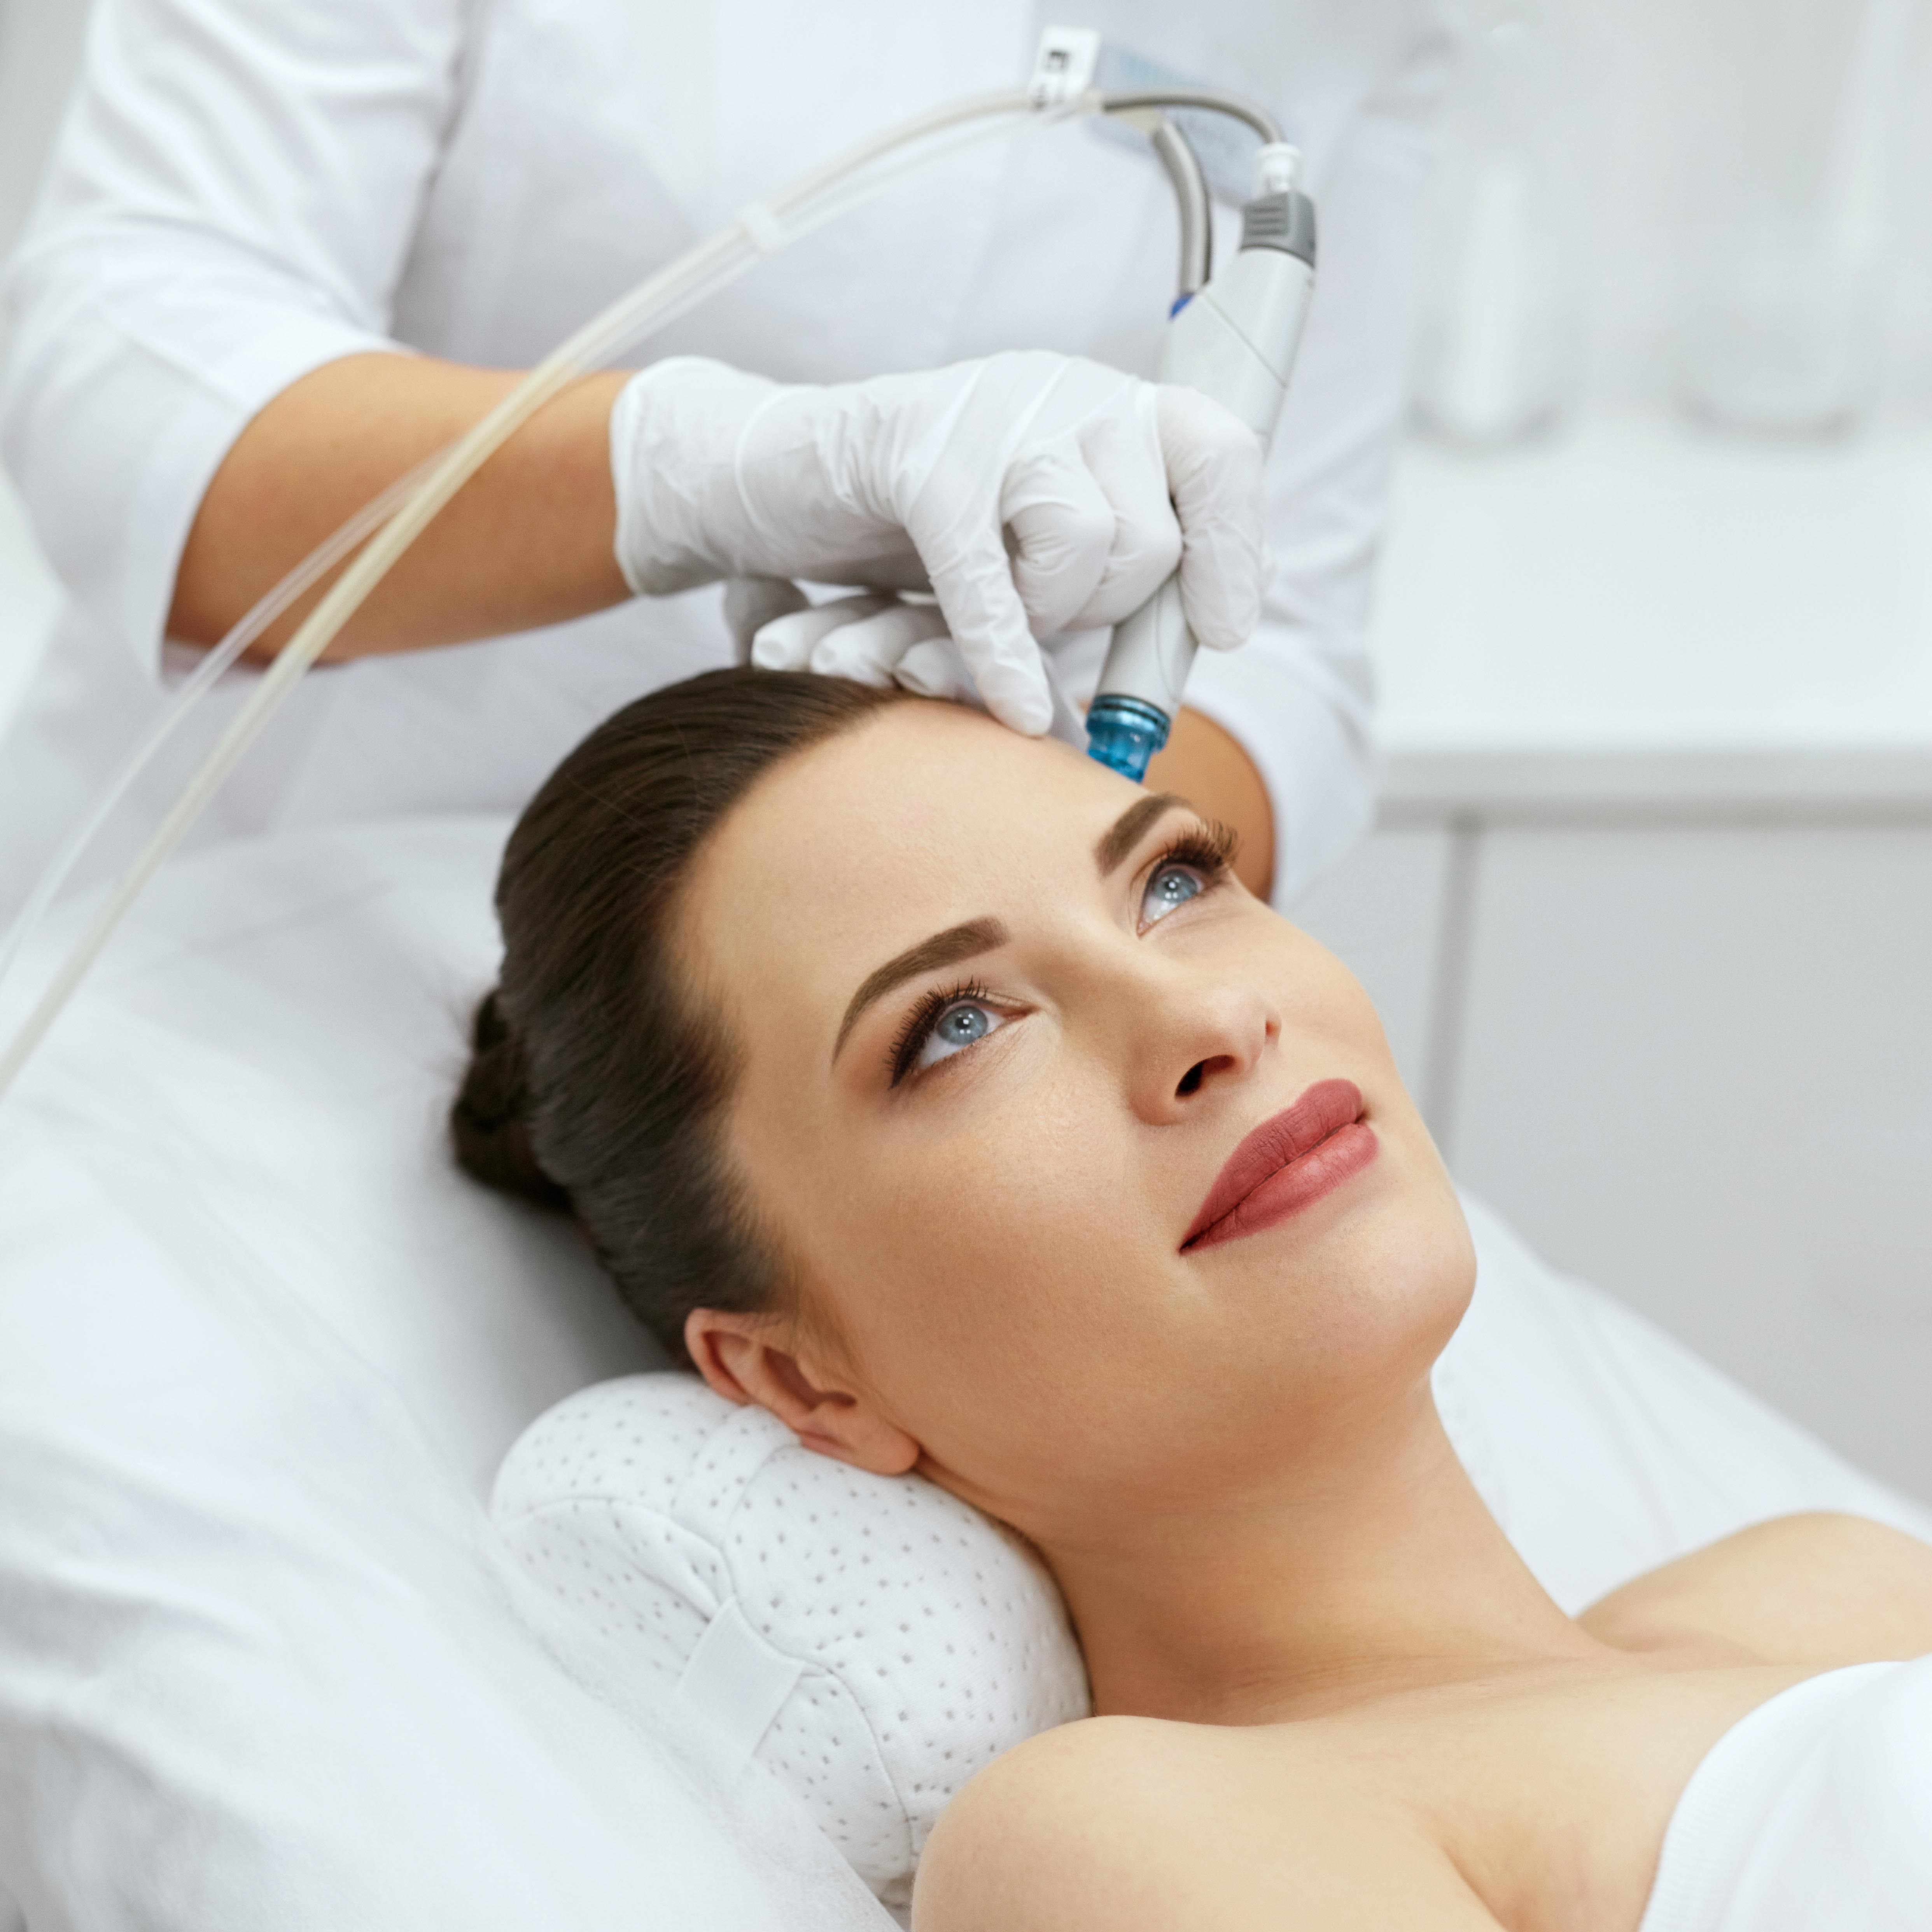 Kaltes Plasma und Hydra Facial - die neuen Beauty-Trends